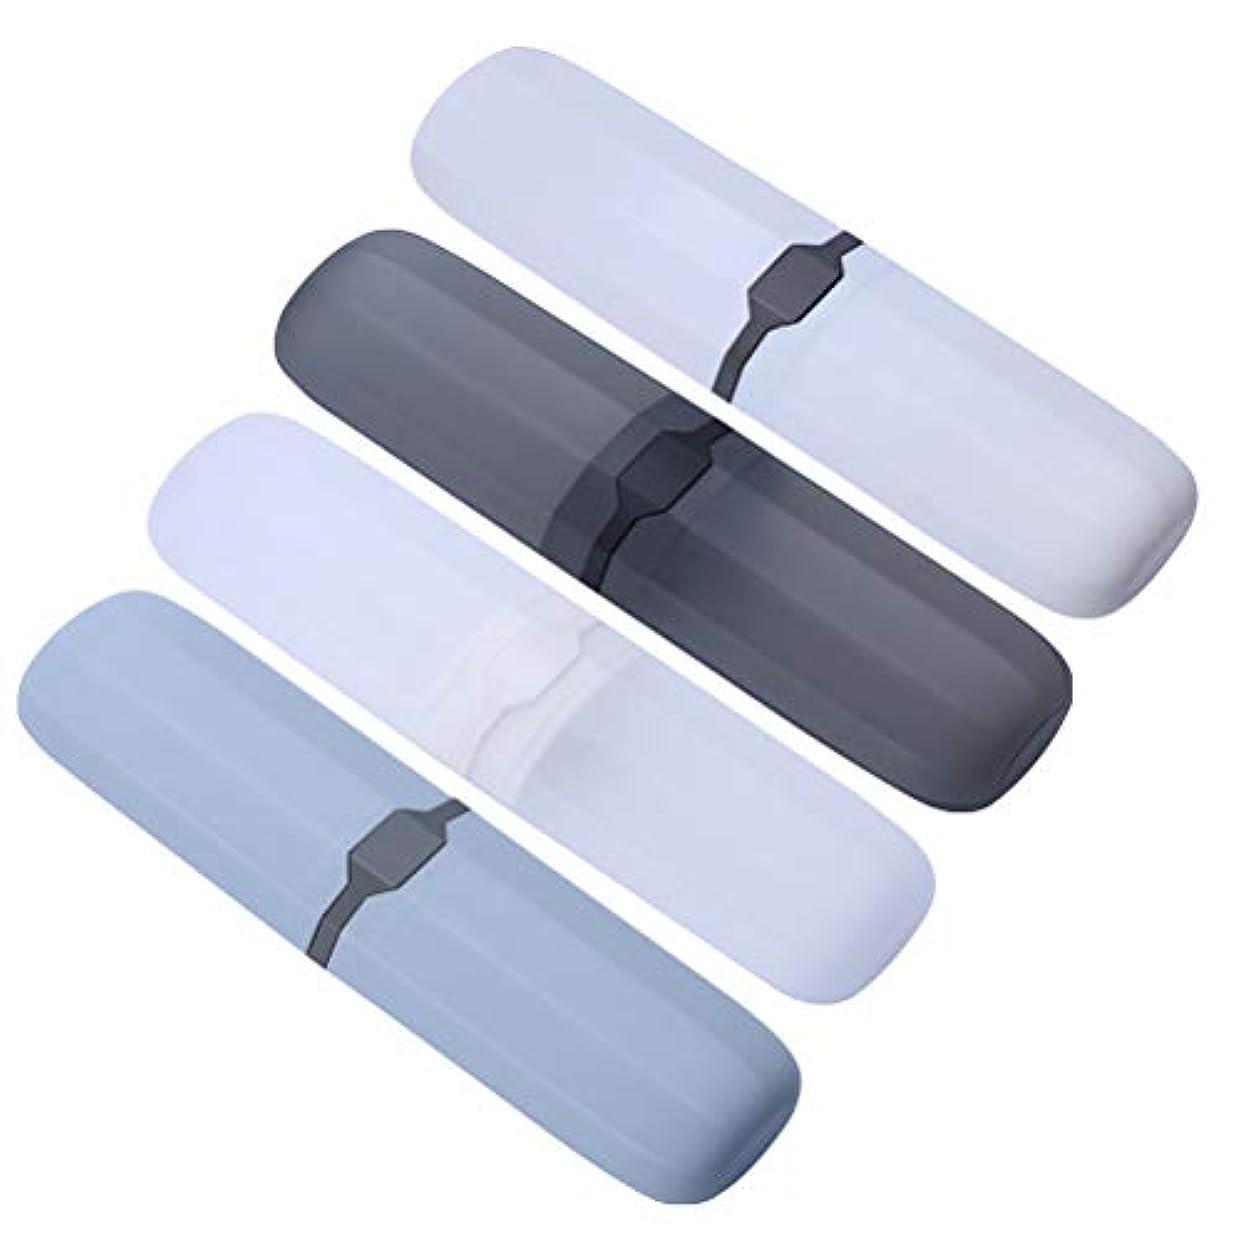 国民投票週末清めるSUPVOX 4本歯ブラシホルダープラスチック歯ブラシ収納ケースオーガナイザービン